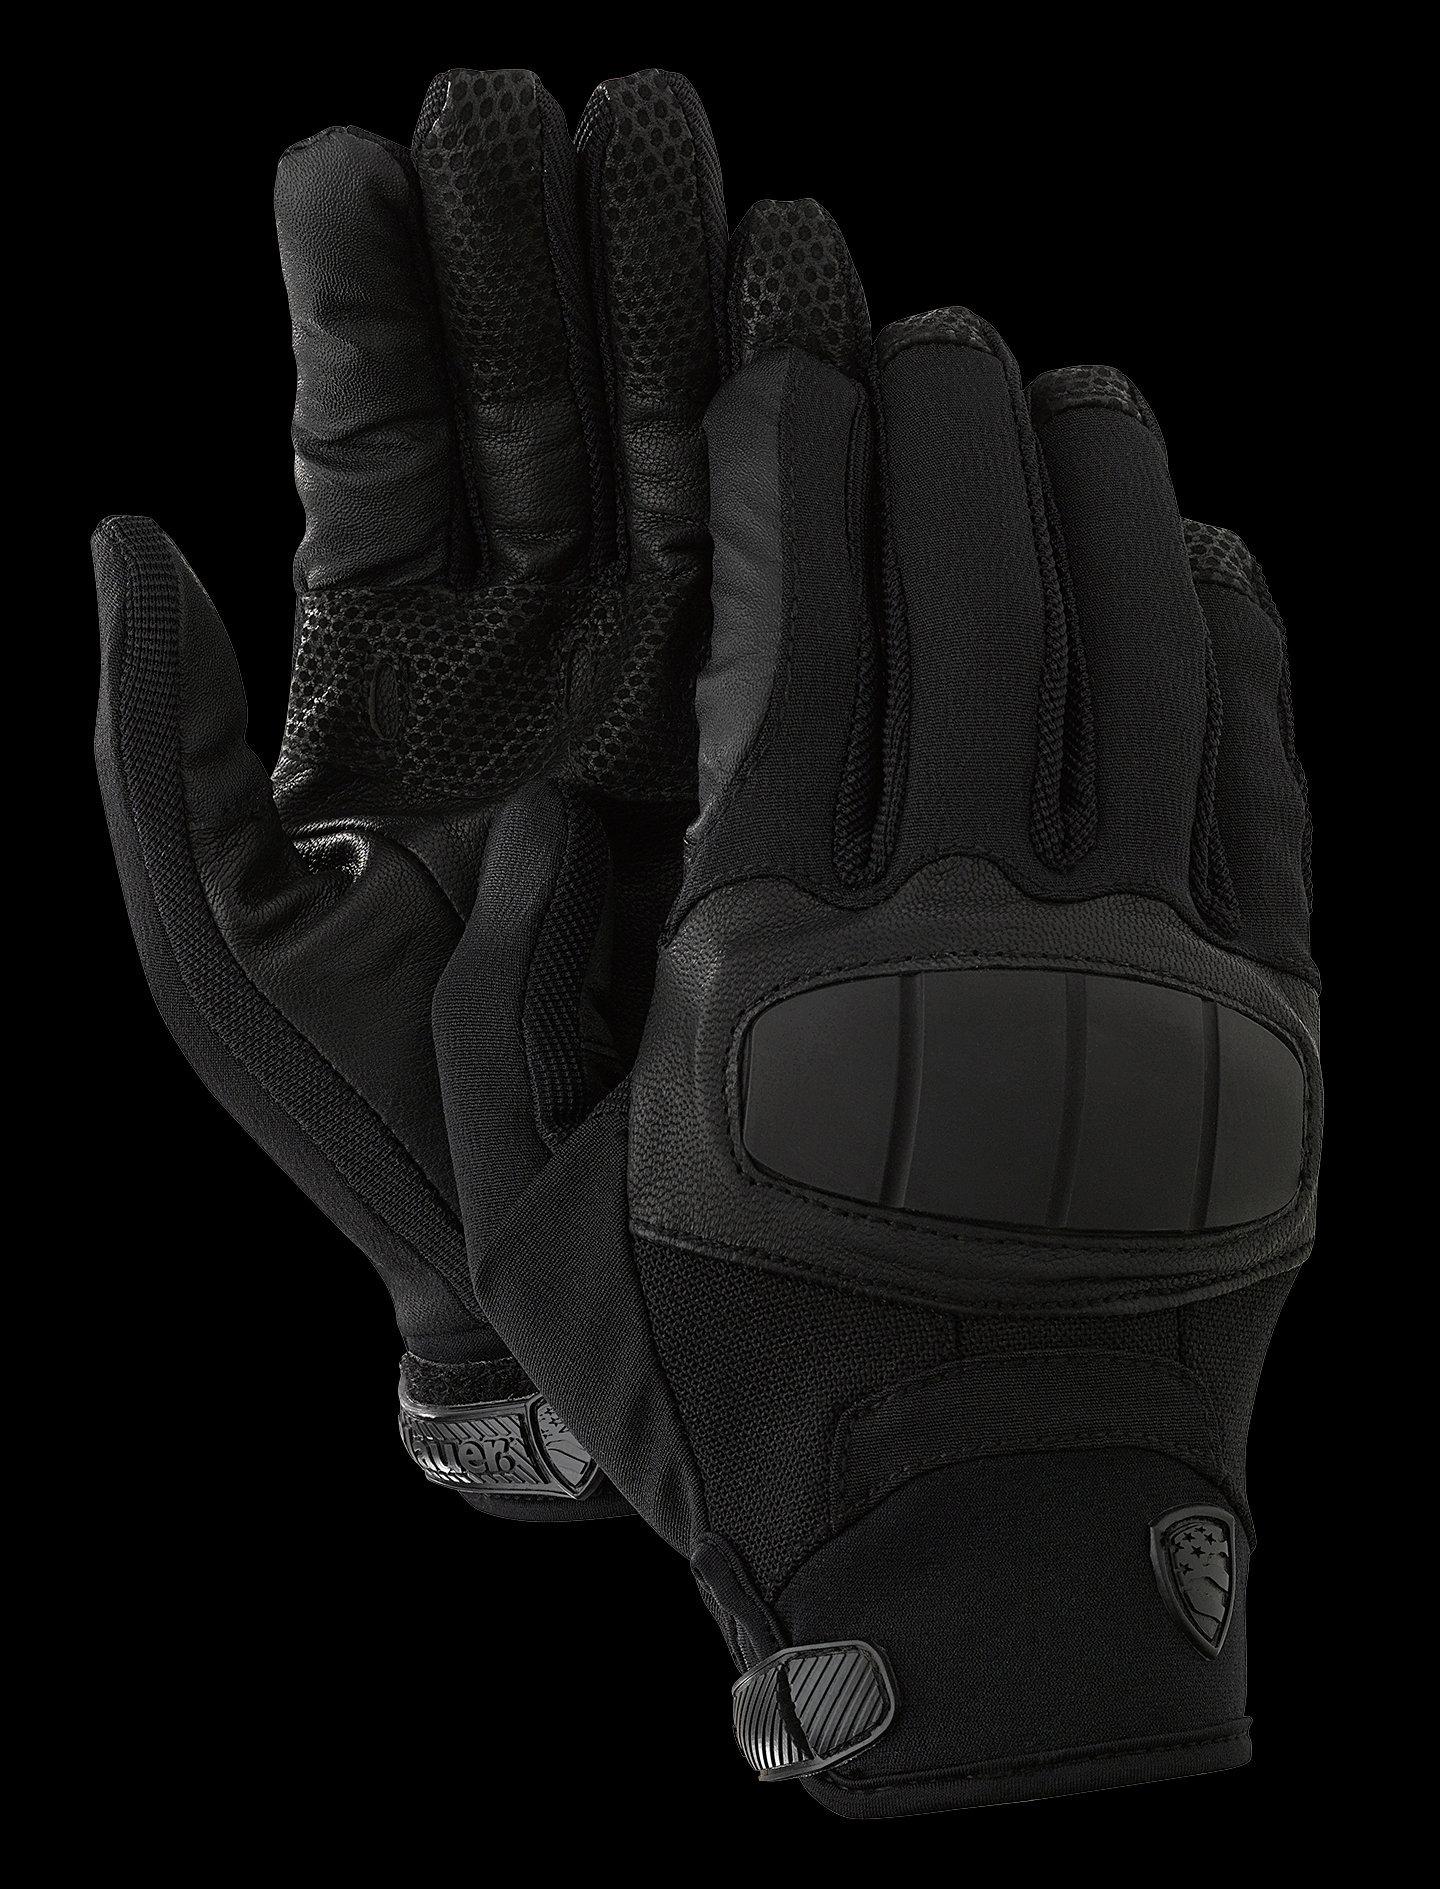 Blauer_Jam_Glove.jpg